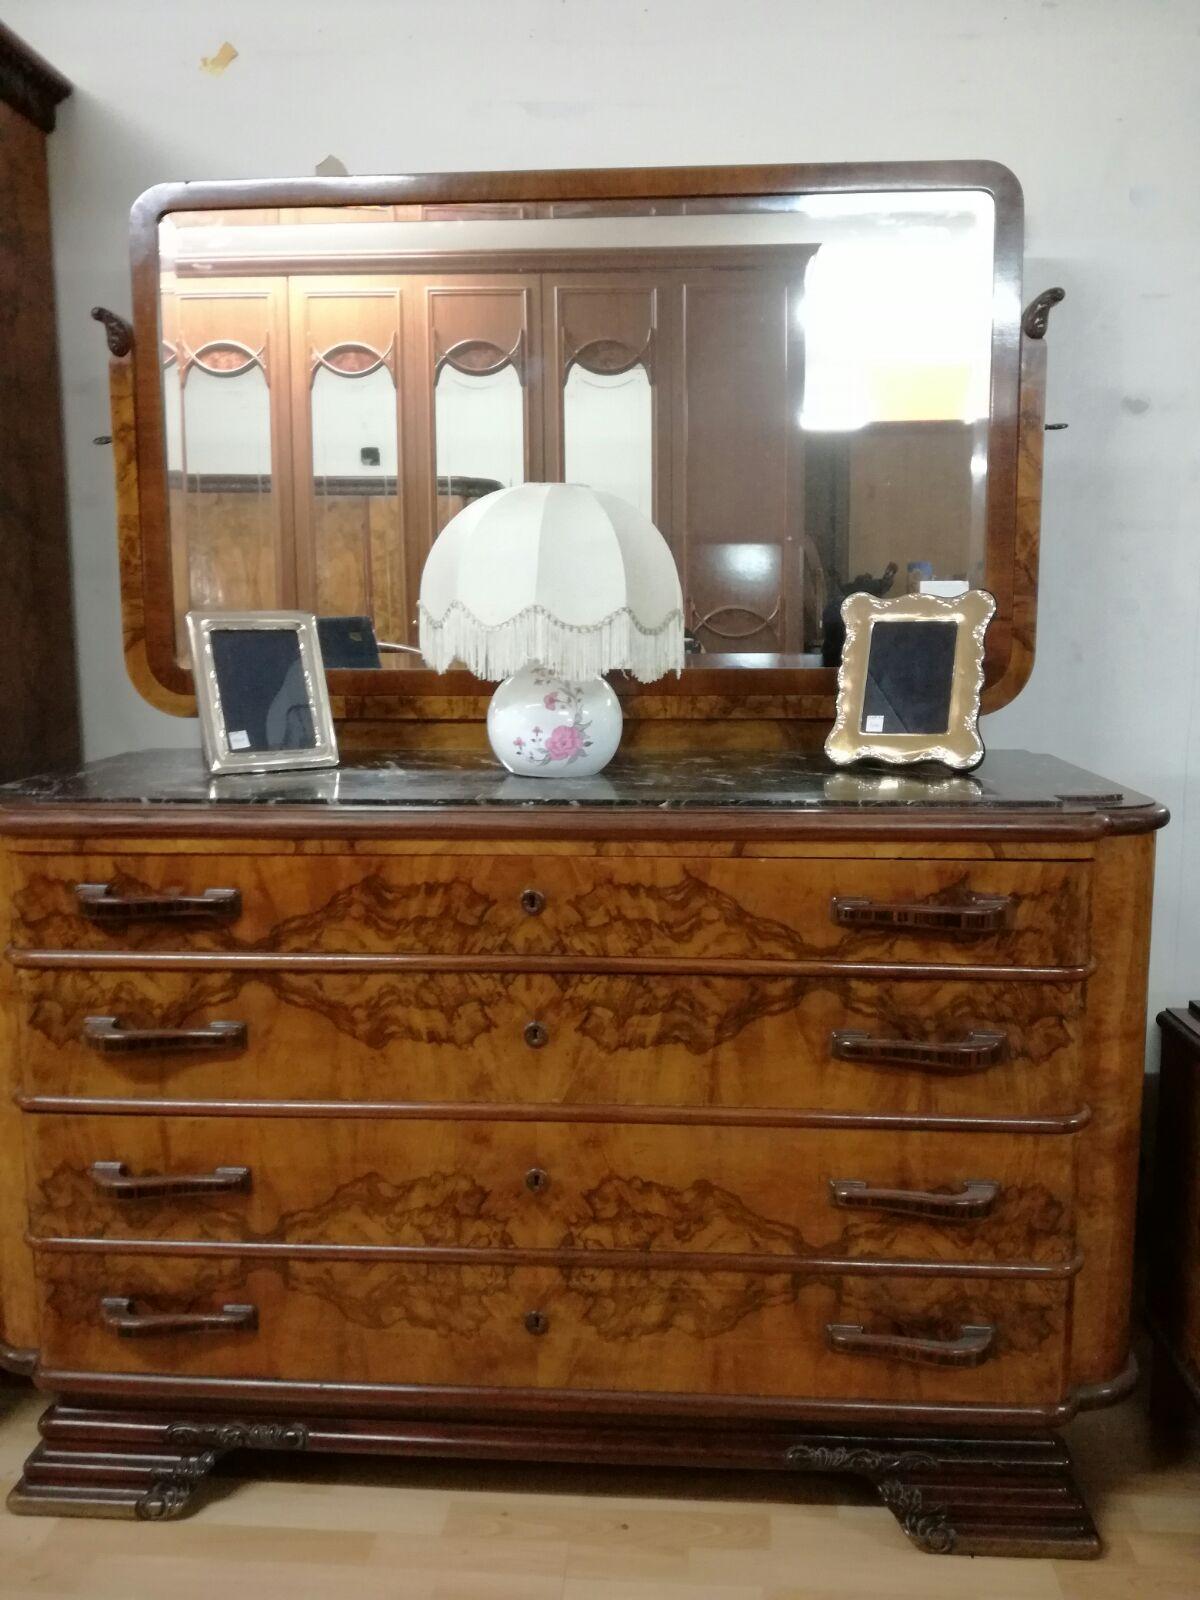 Camera da letto completa Anni 40-50 - Mimmo Professionista dell\'Usato